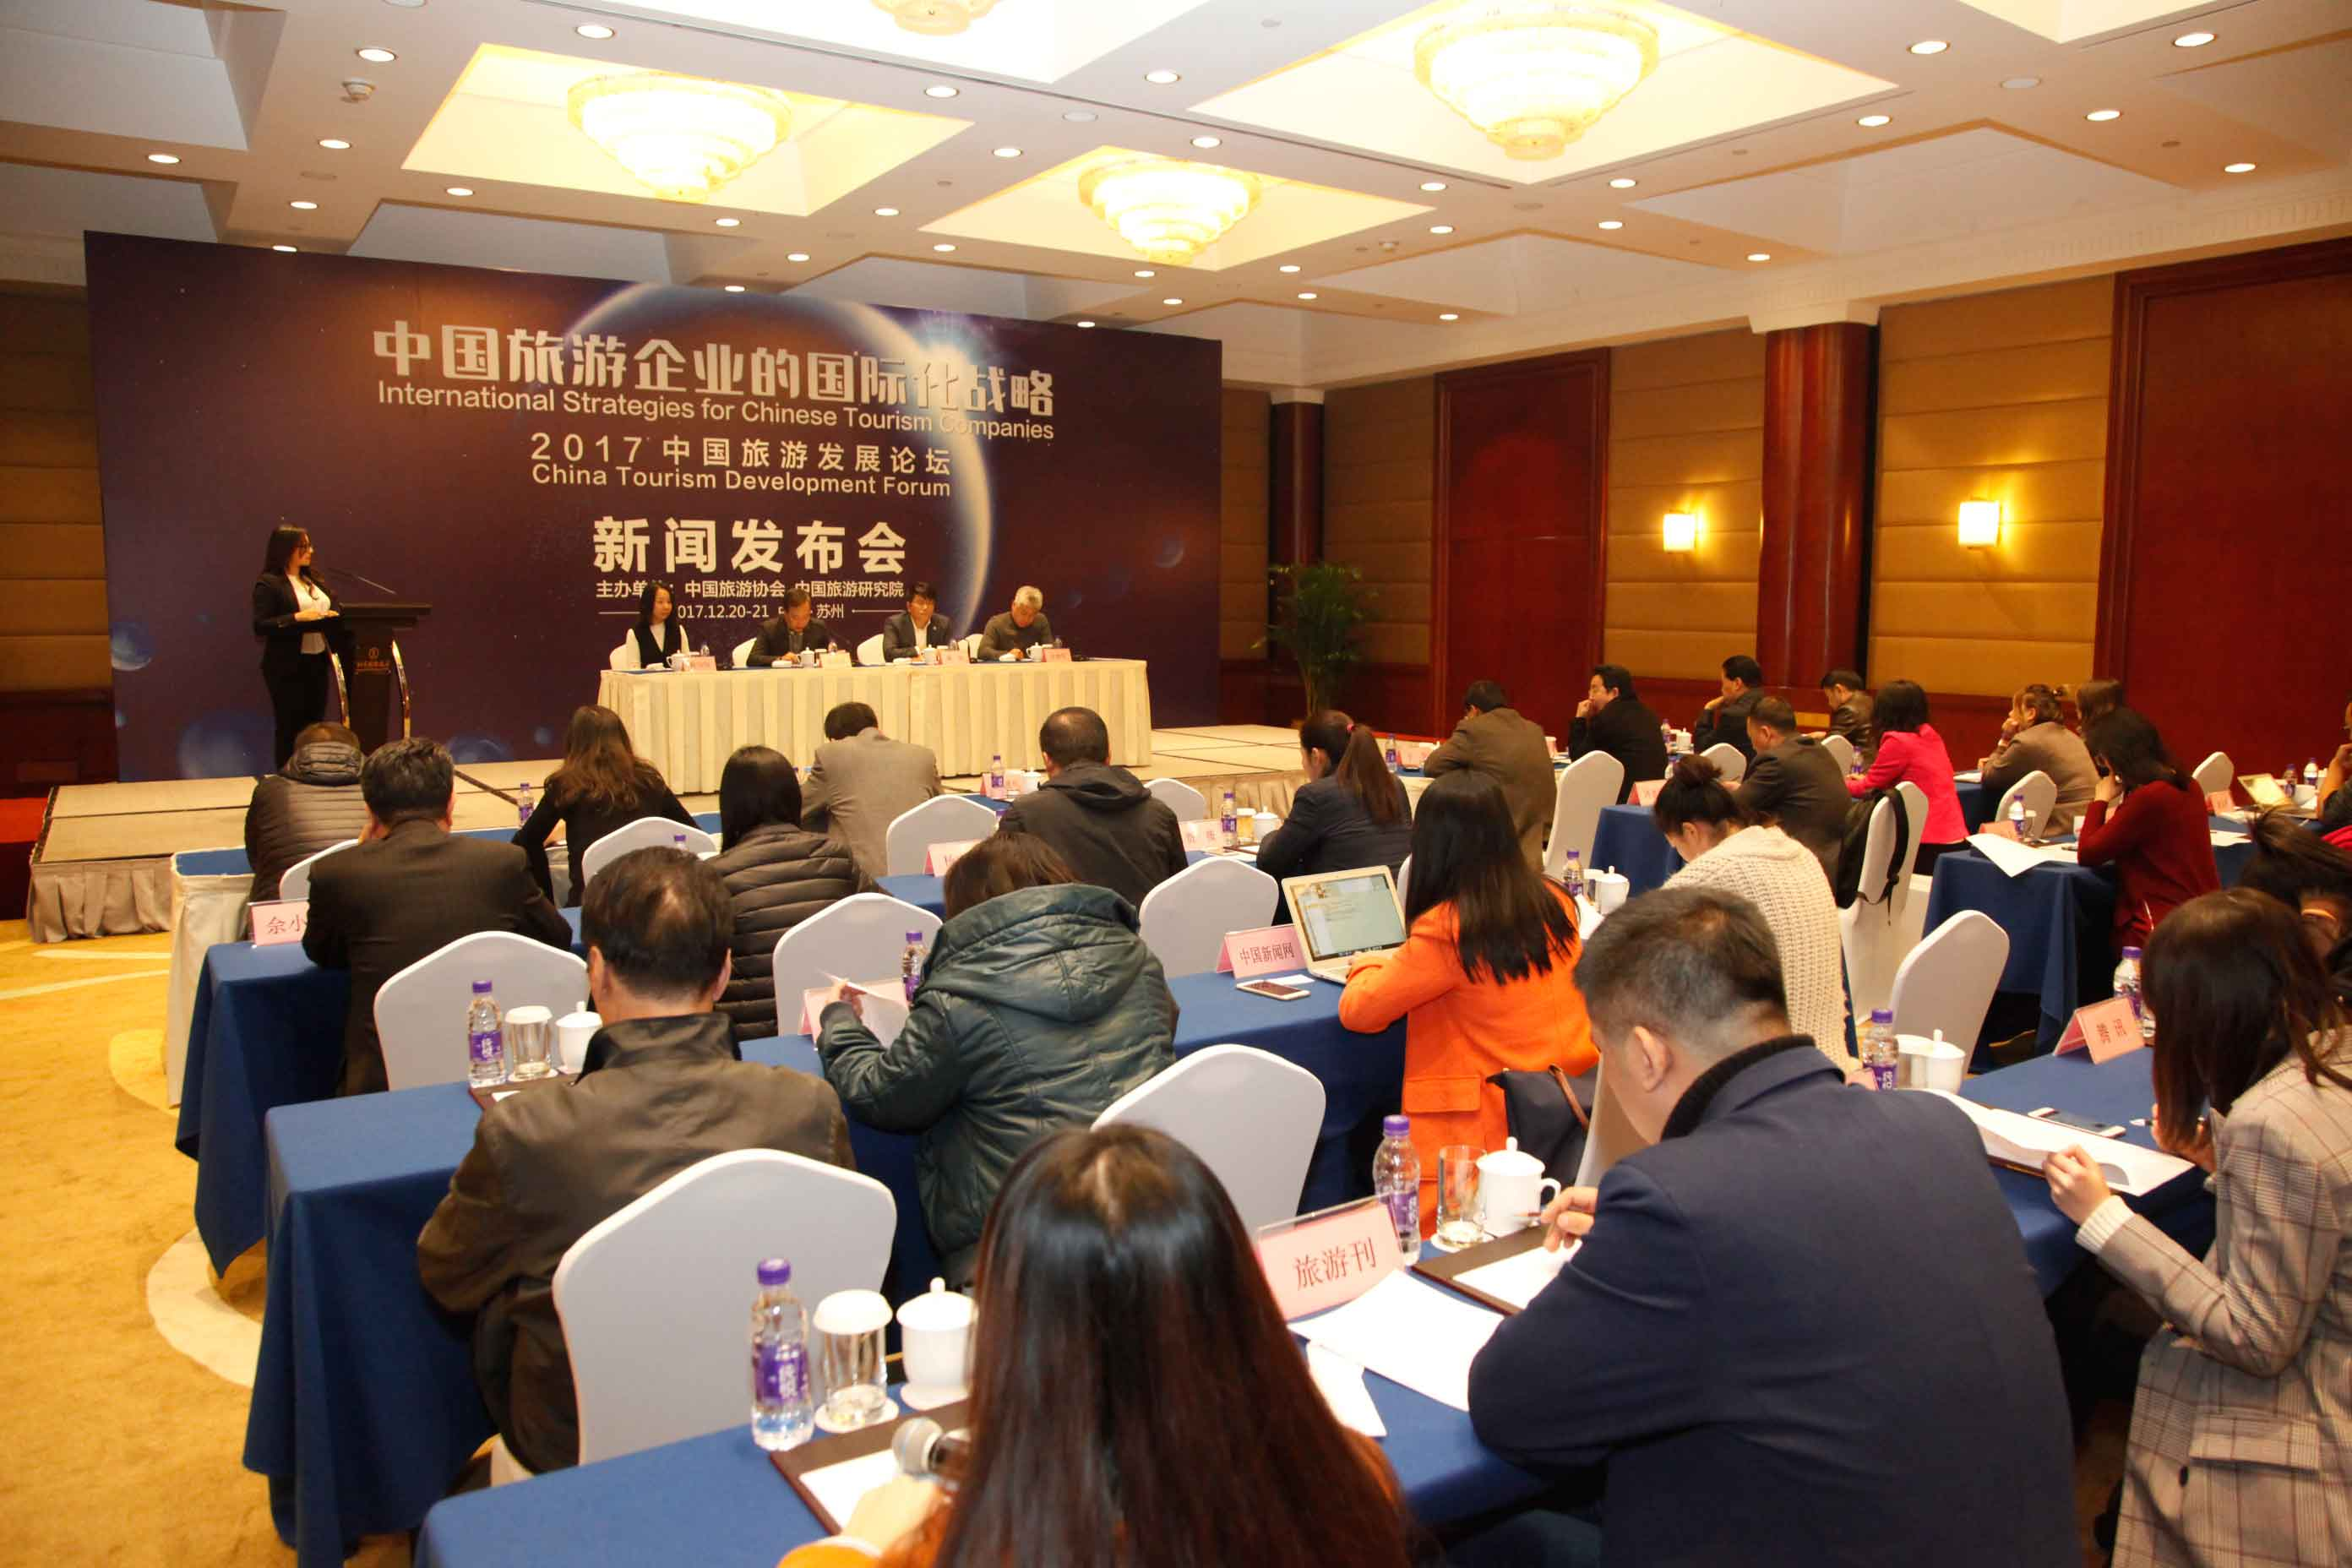 2017中国旅游发展论坛将于下月在苏州举办